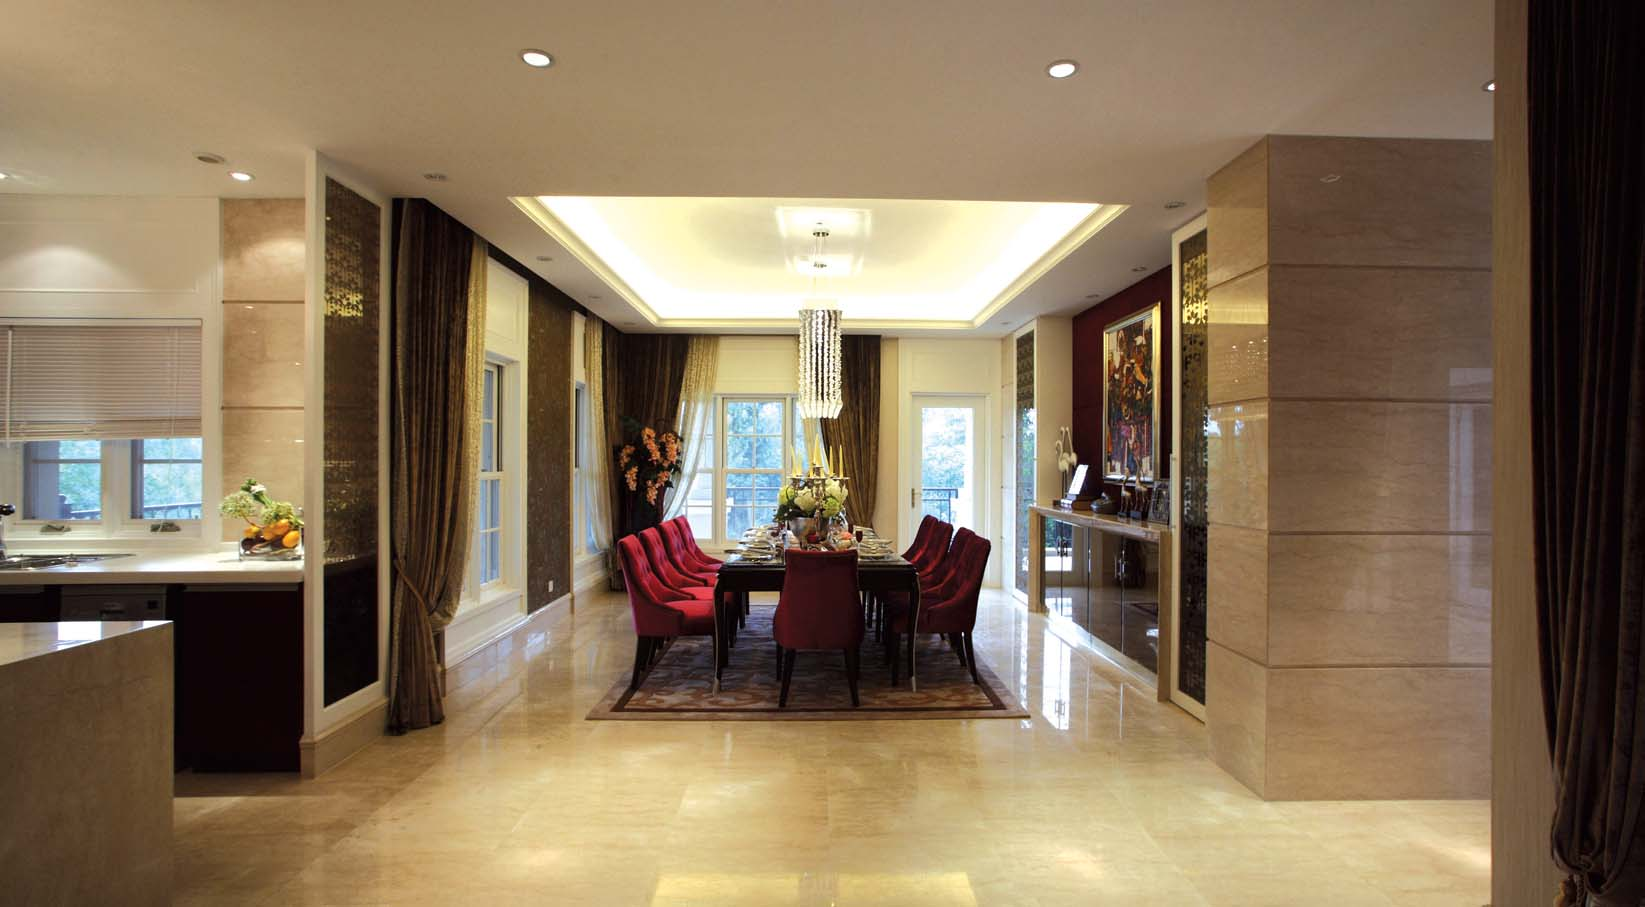 欧式 别墅装修 别墅设计 棕榈高尔夫 奥邦装饰 张文作品 餐厅图片来自上海奥邦装饰在上海棕榈高尔夫别墅样板间装修的分享